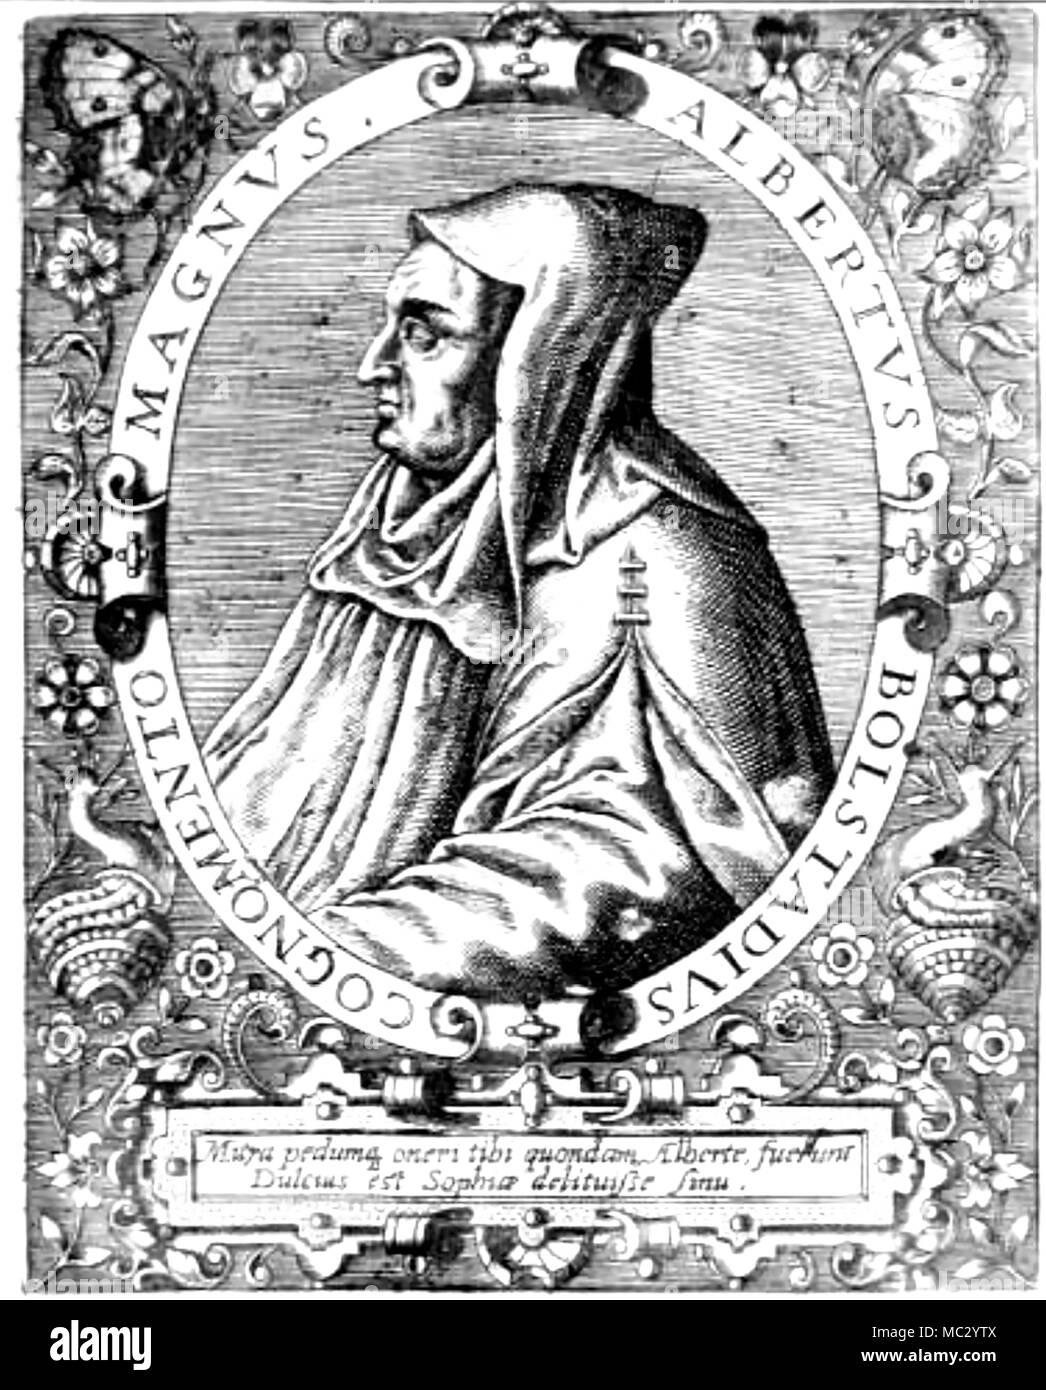 ALBERTUS MAGNUS (c1200-1280) German Catholic Dominican friar and bishop. - Stock Image